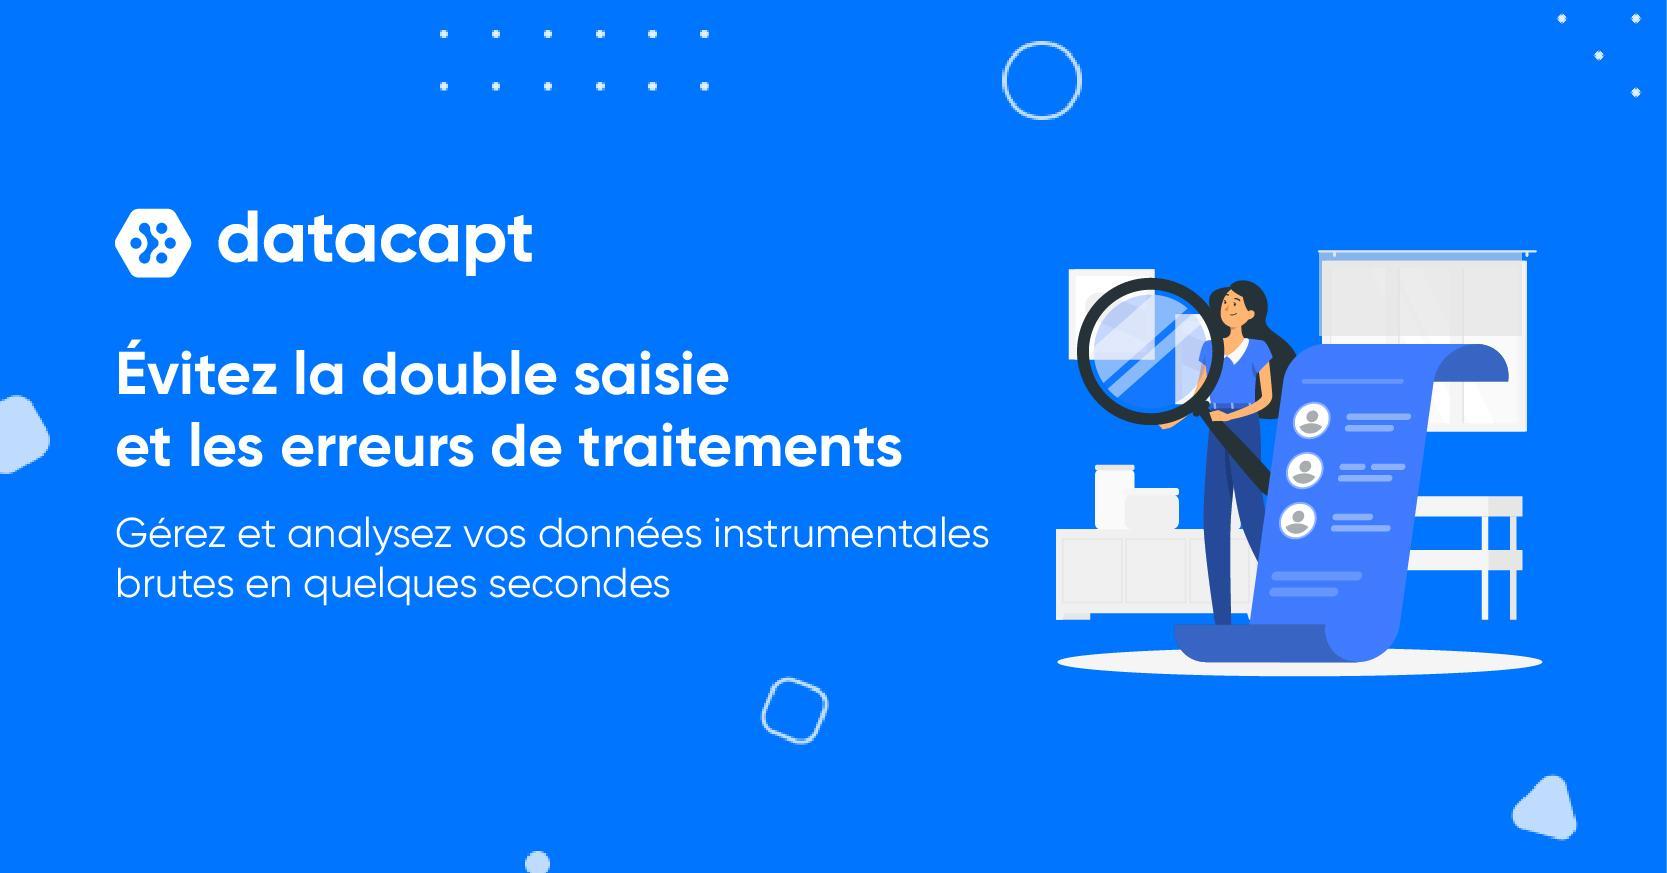 Avis Datacapt : Traitement de données instrumentales brutes - appvizer